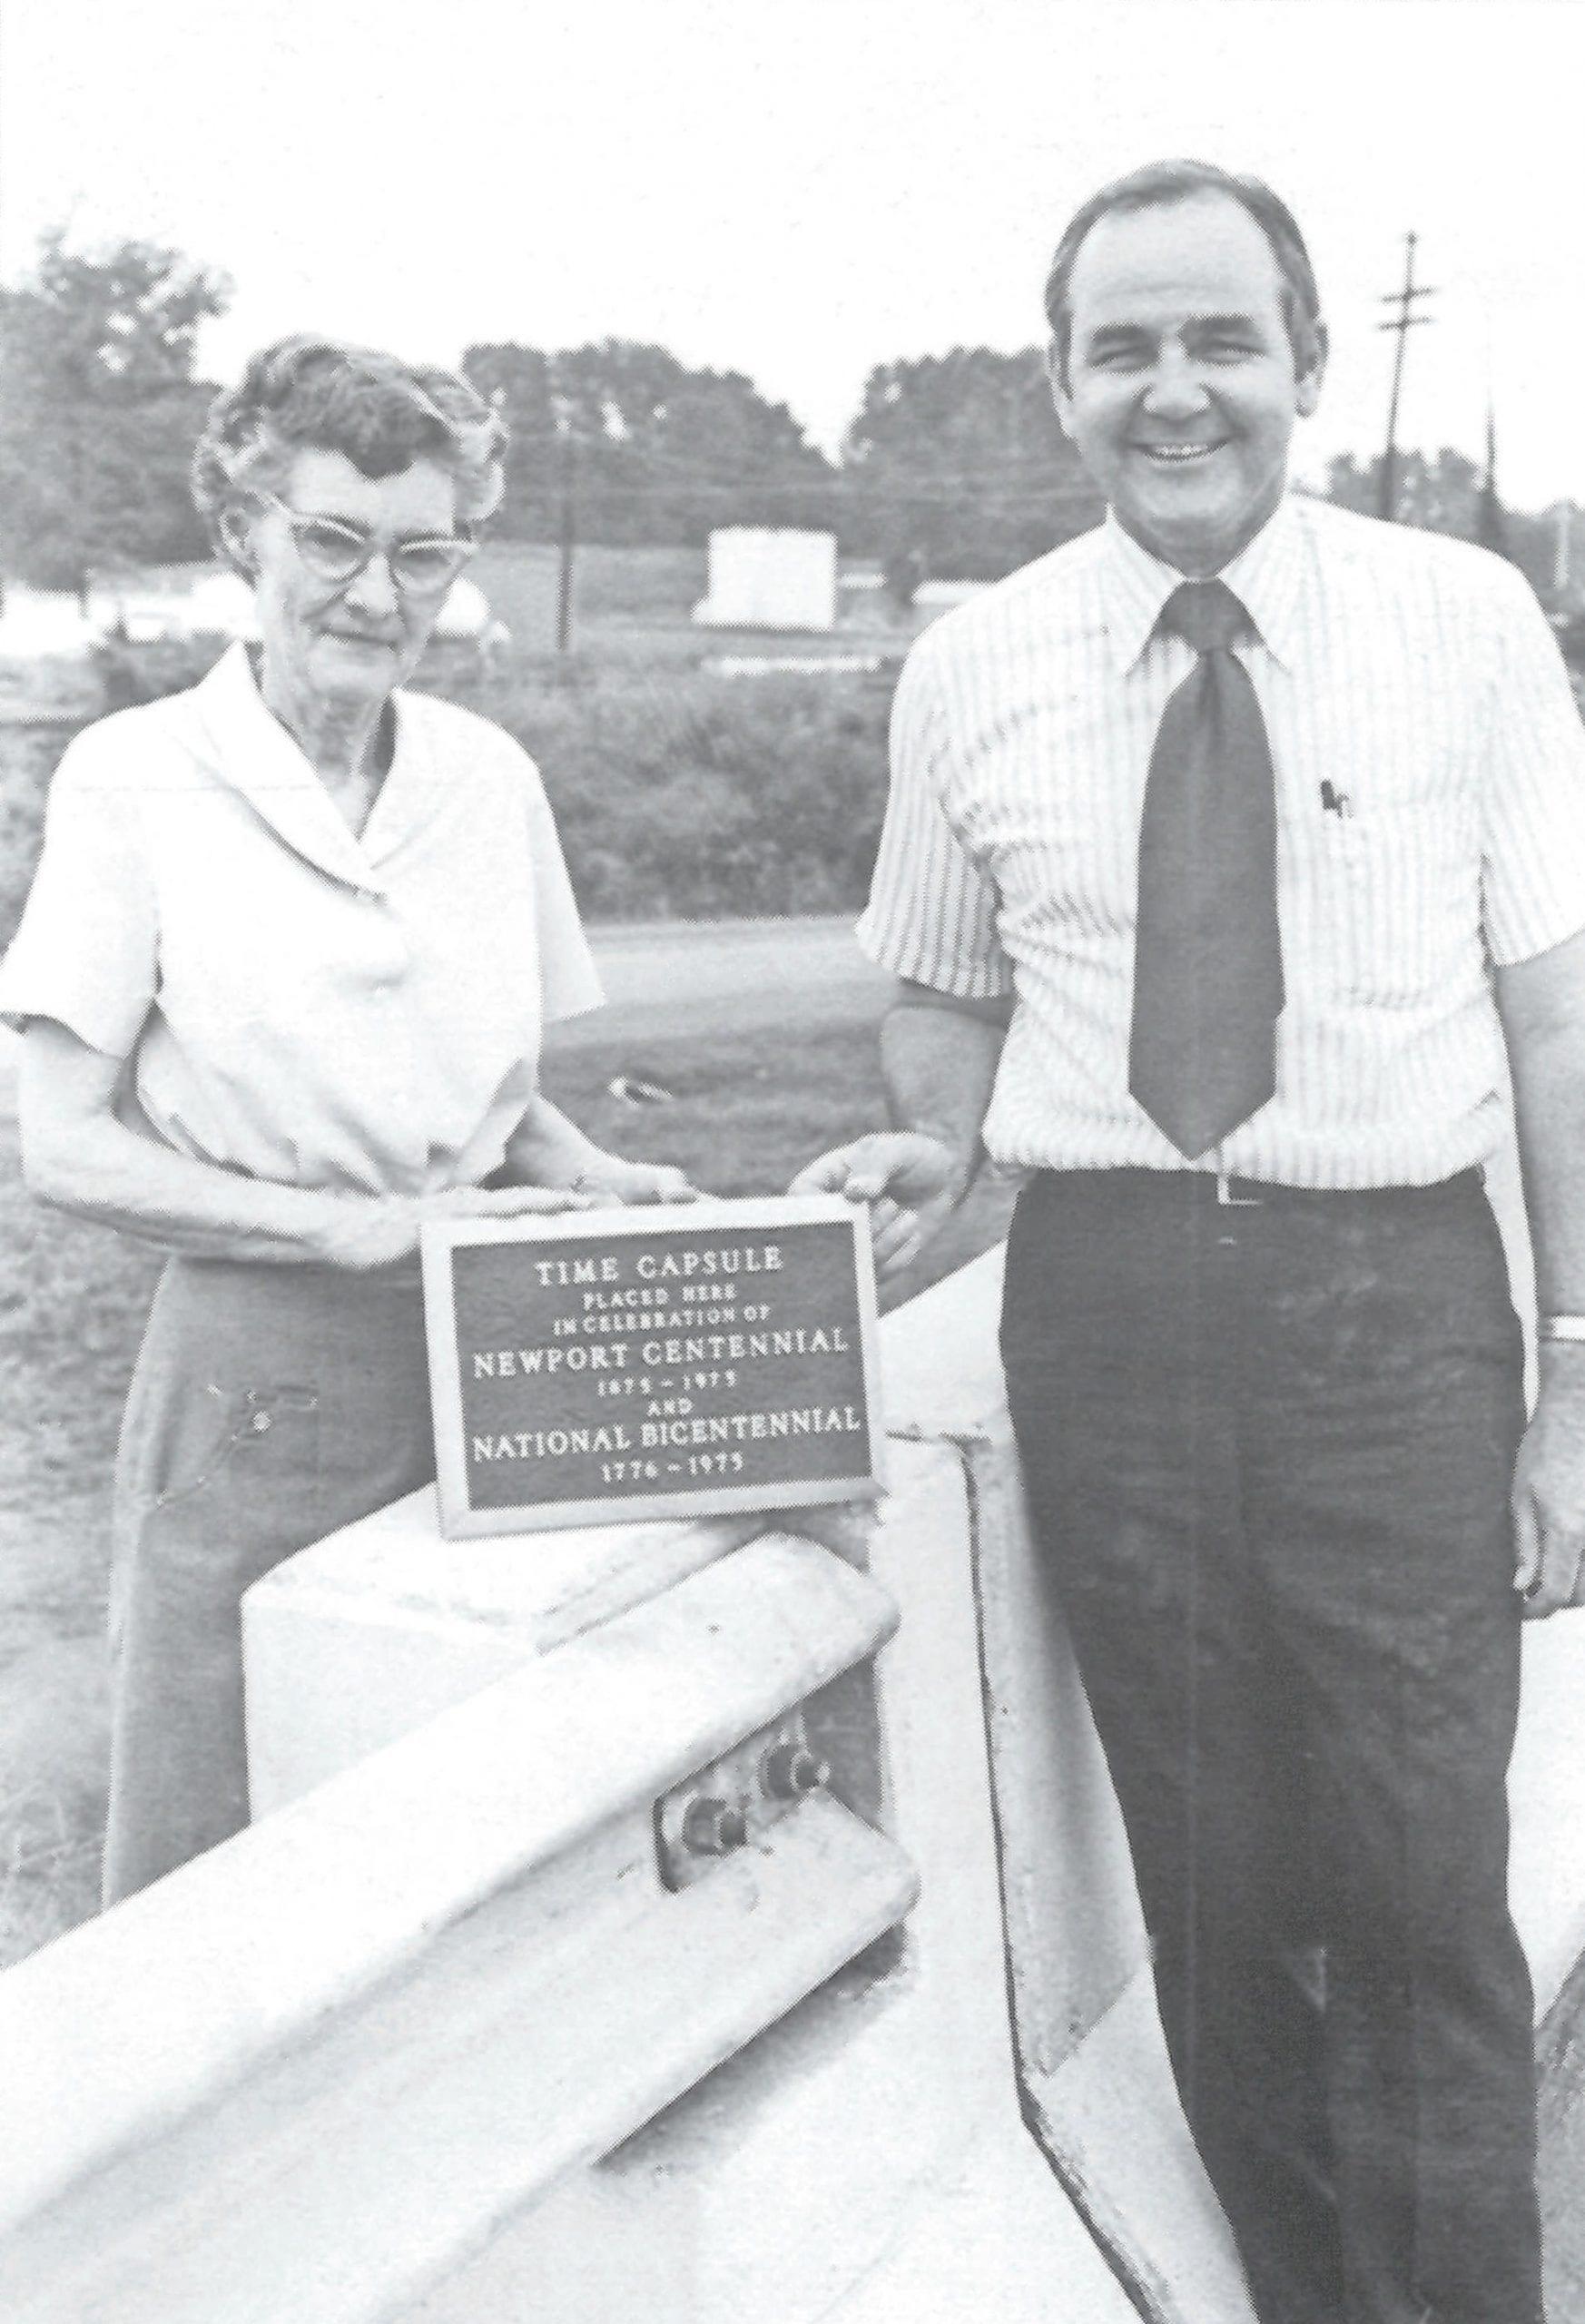 1976 – Newport's Centennial Steering Committee